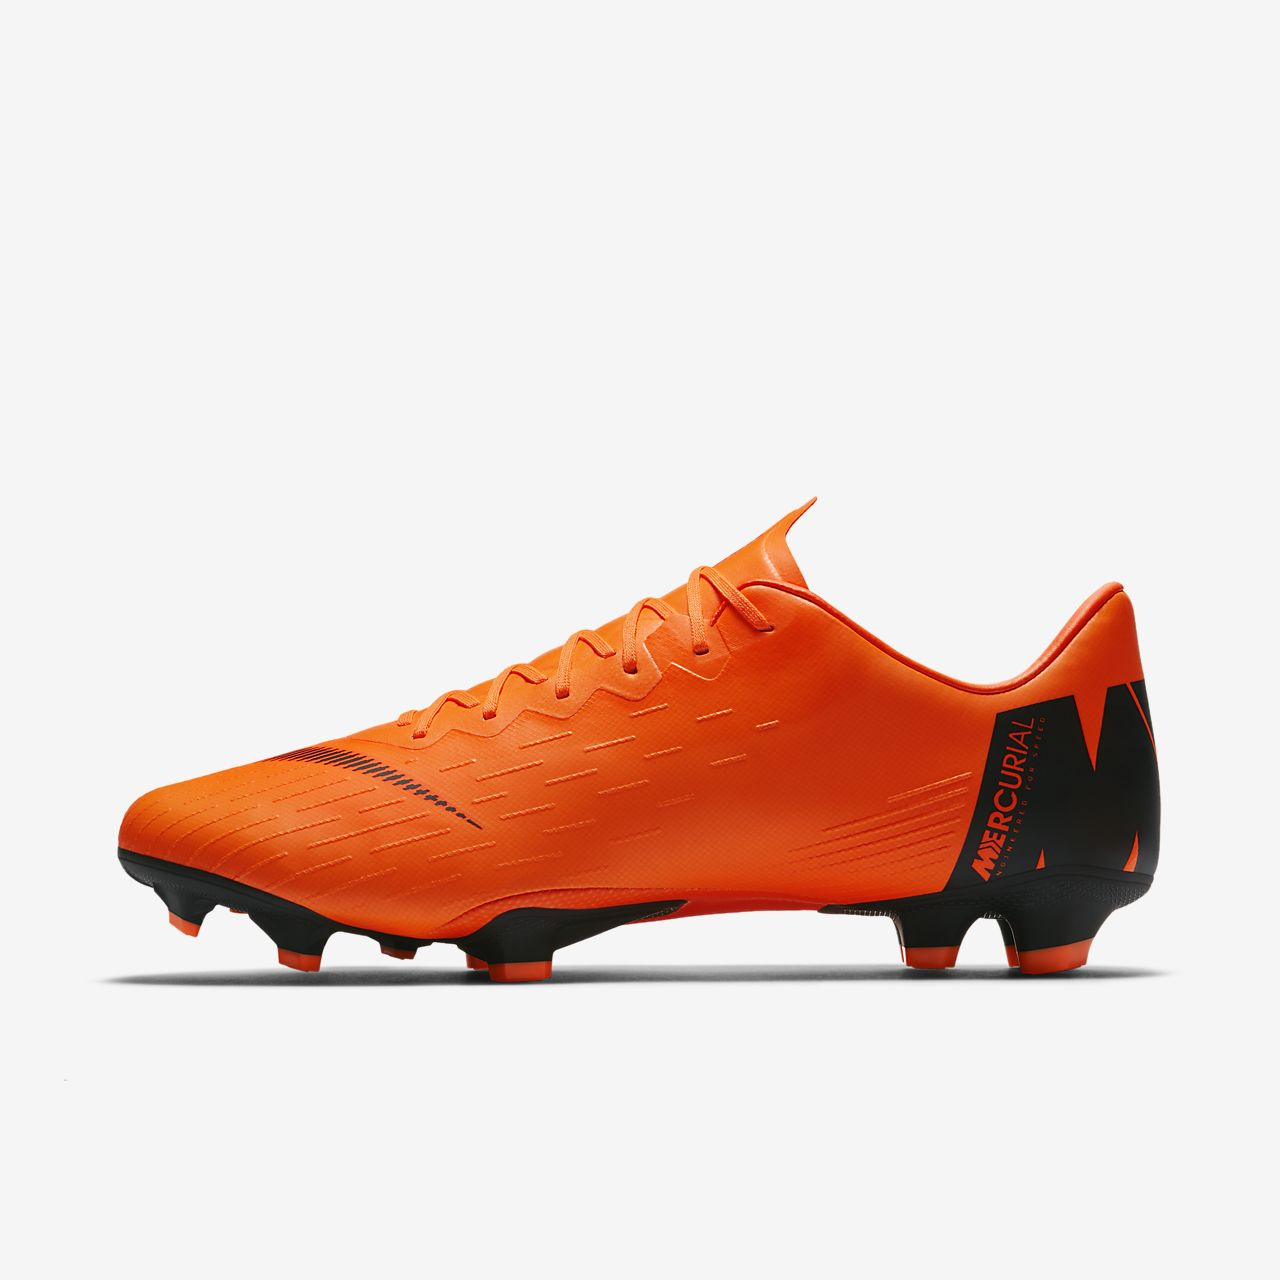 Nike Mercurial Vapor XII Pro Fußballschuh für normalen Rasen Angenehmes Gefühl